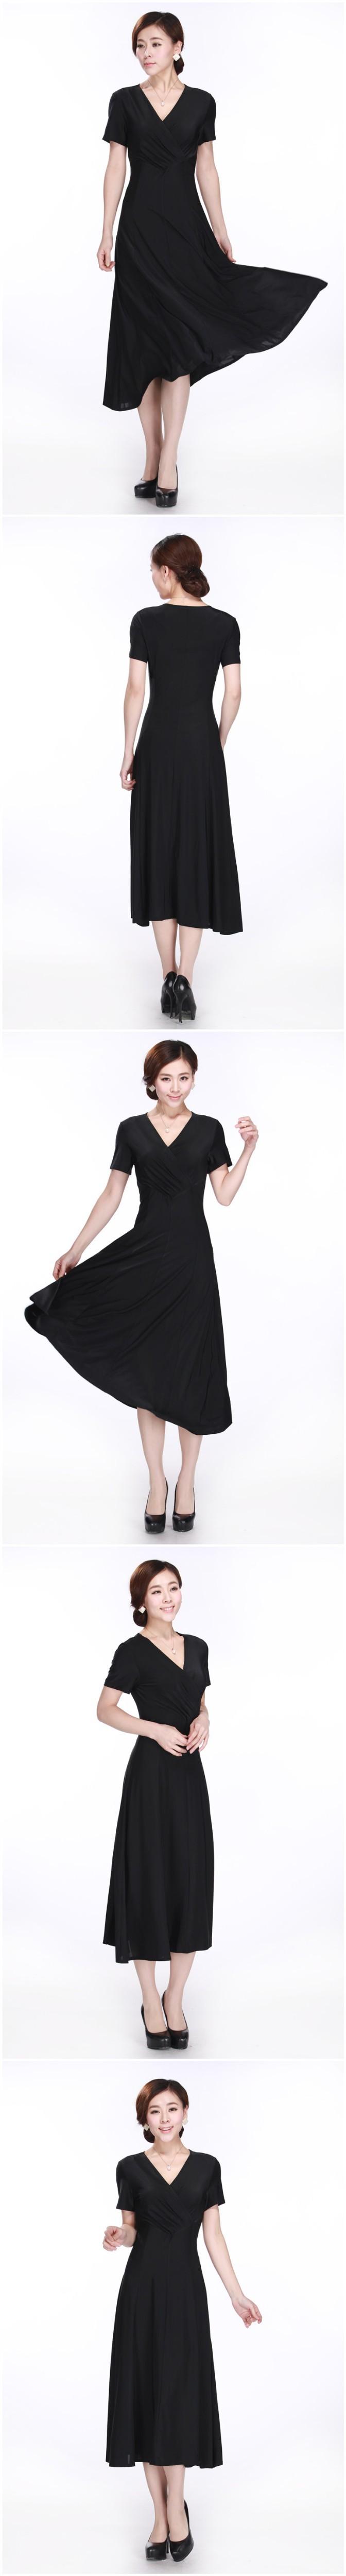 b050614 моды короткие летние благородных элегантный цельный платье плюс размер xxxxl полный платье подарок матери длинное платье свободный корабль